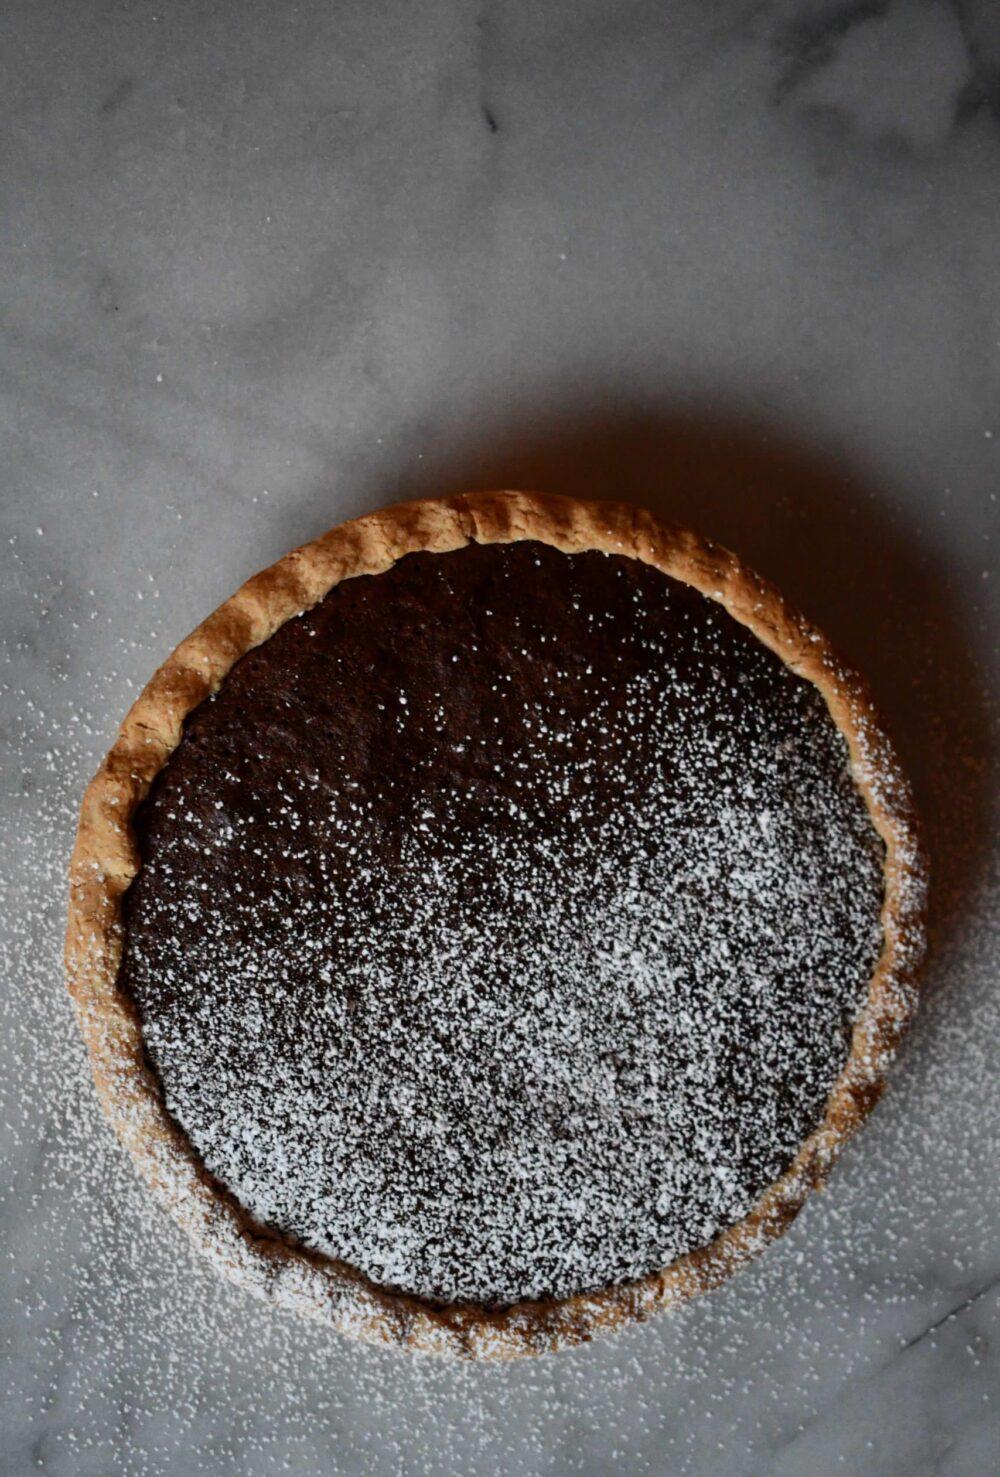 Joanna Gaines brownie pie prepared by KendellKreations